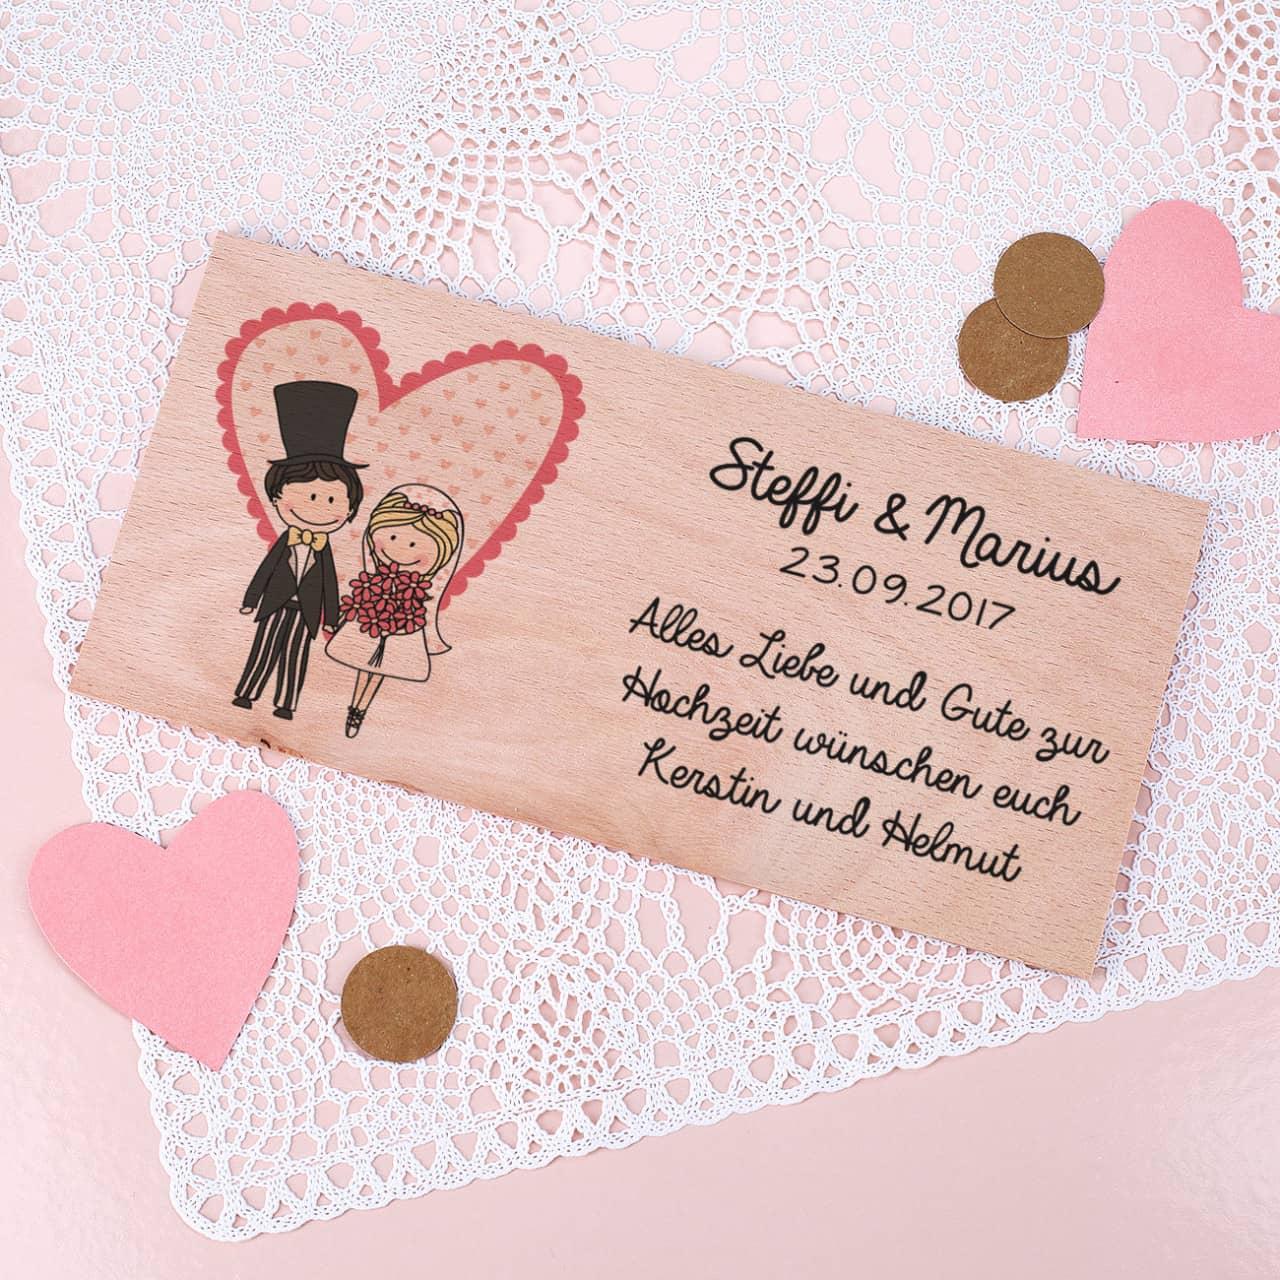 Holzkarte zur Hochzeit mit charmantem Hochzeitspaar bedruckt